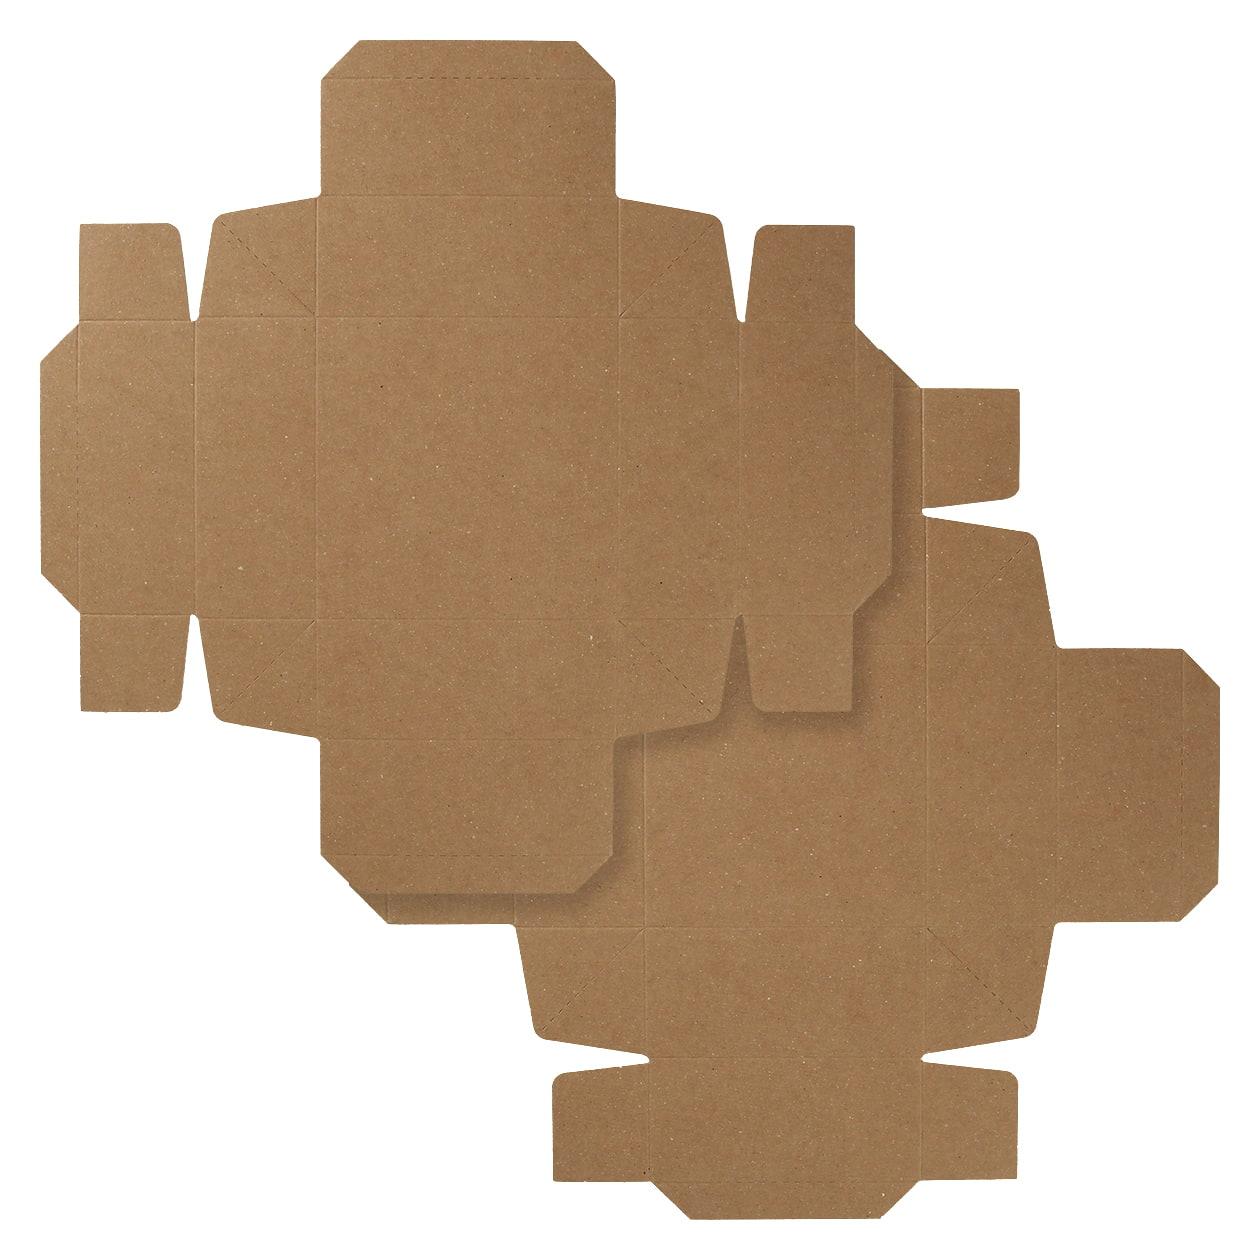 組箱 四角形84×84×38